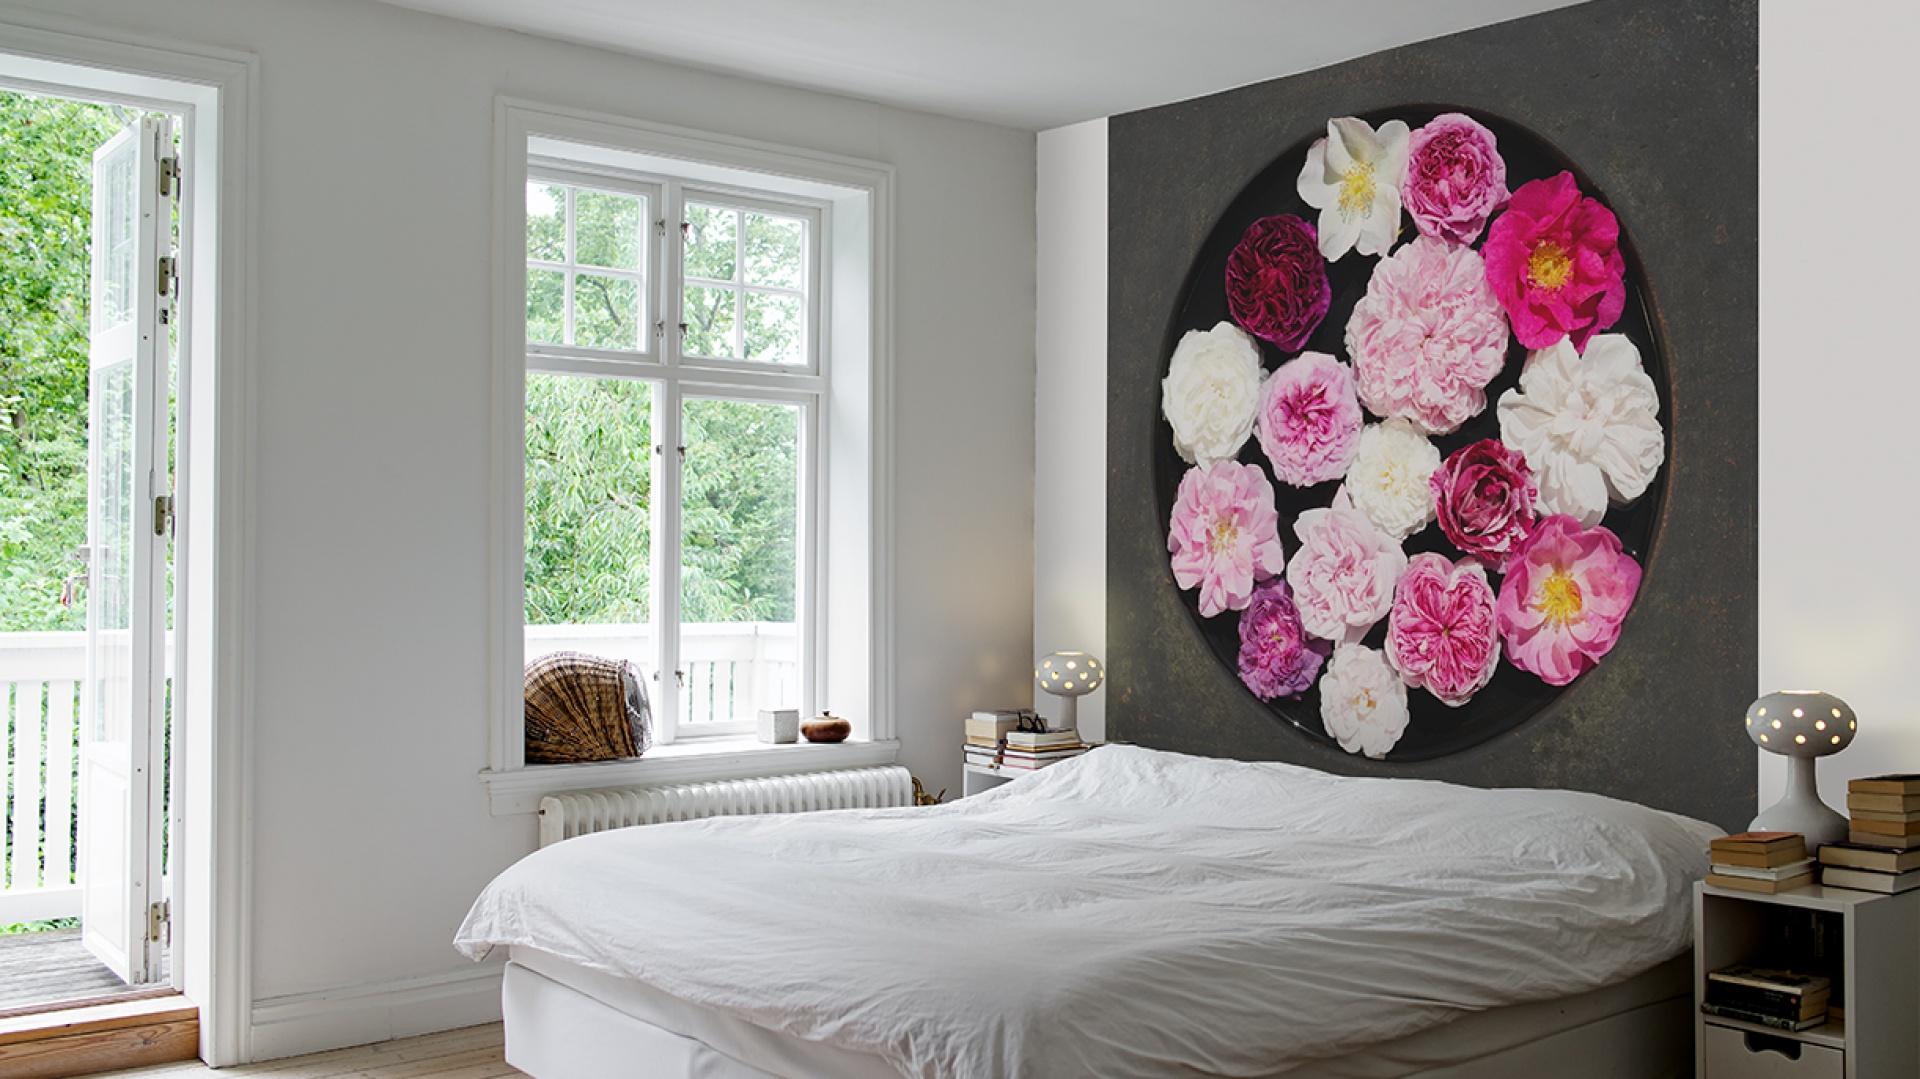 Dekoracyjna fototapeta z motywem róż stanowi ciekawą i bardzo oryginalną dekorację sypialni. Jeśli dodamy do niej stonowaną, spokojną kolorystykę to stanie się prawdziwą ozdobą wnętrza. Fot. Mr Perswall.